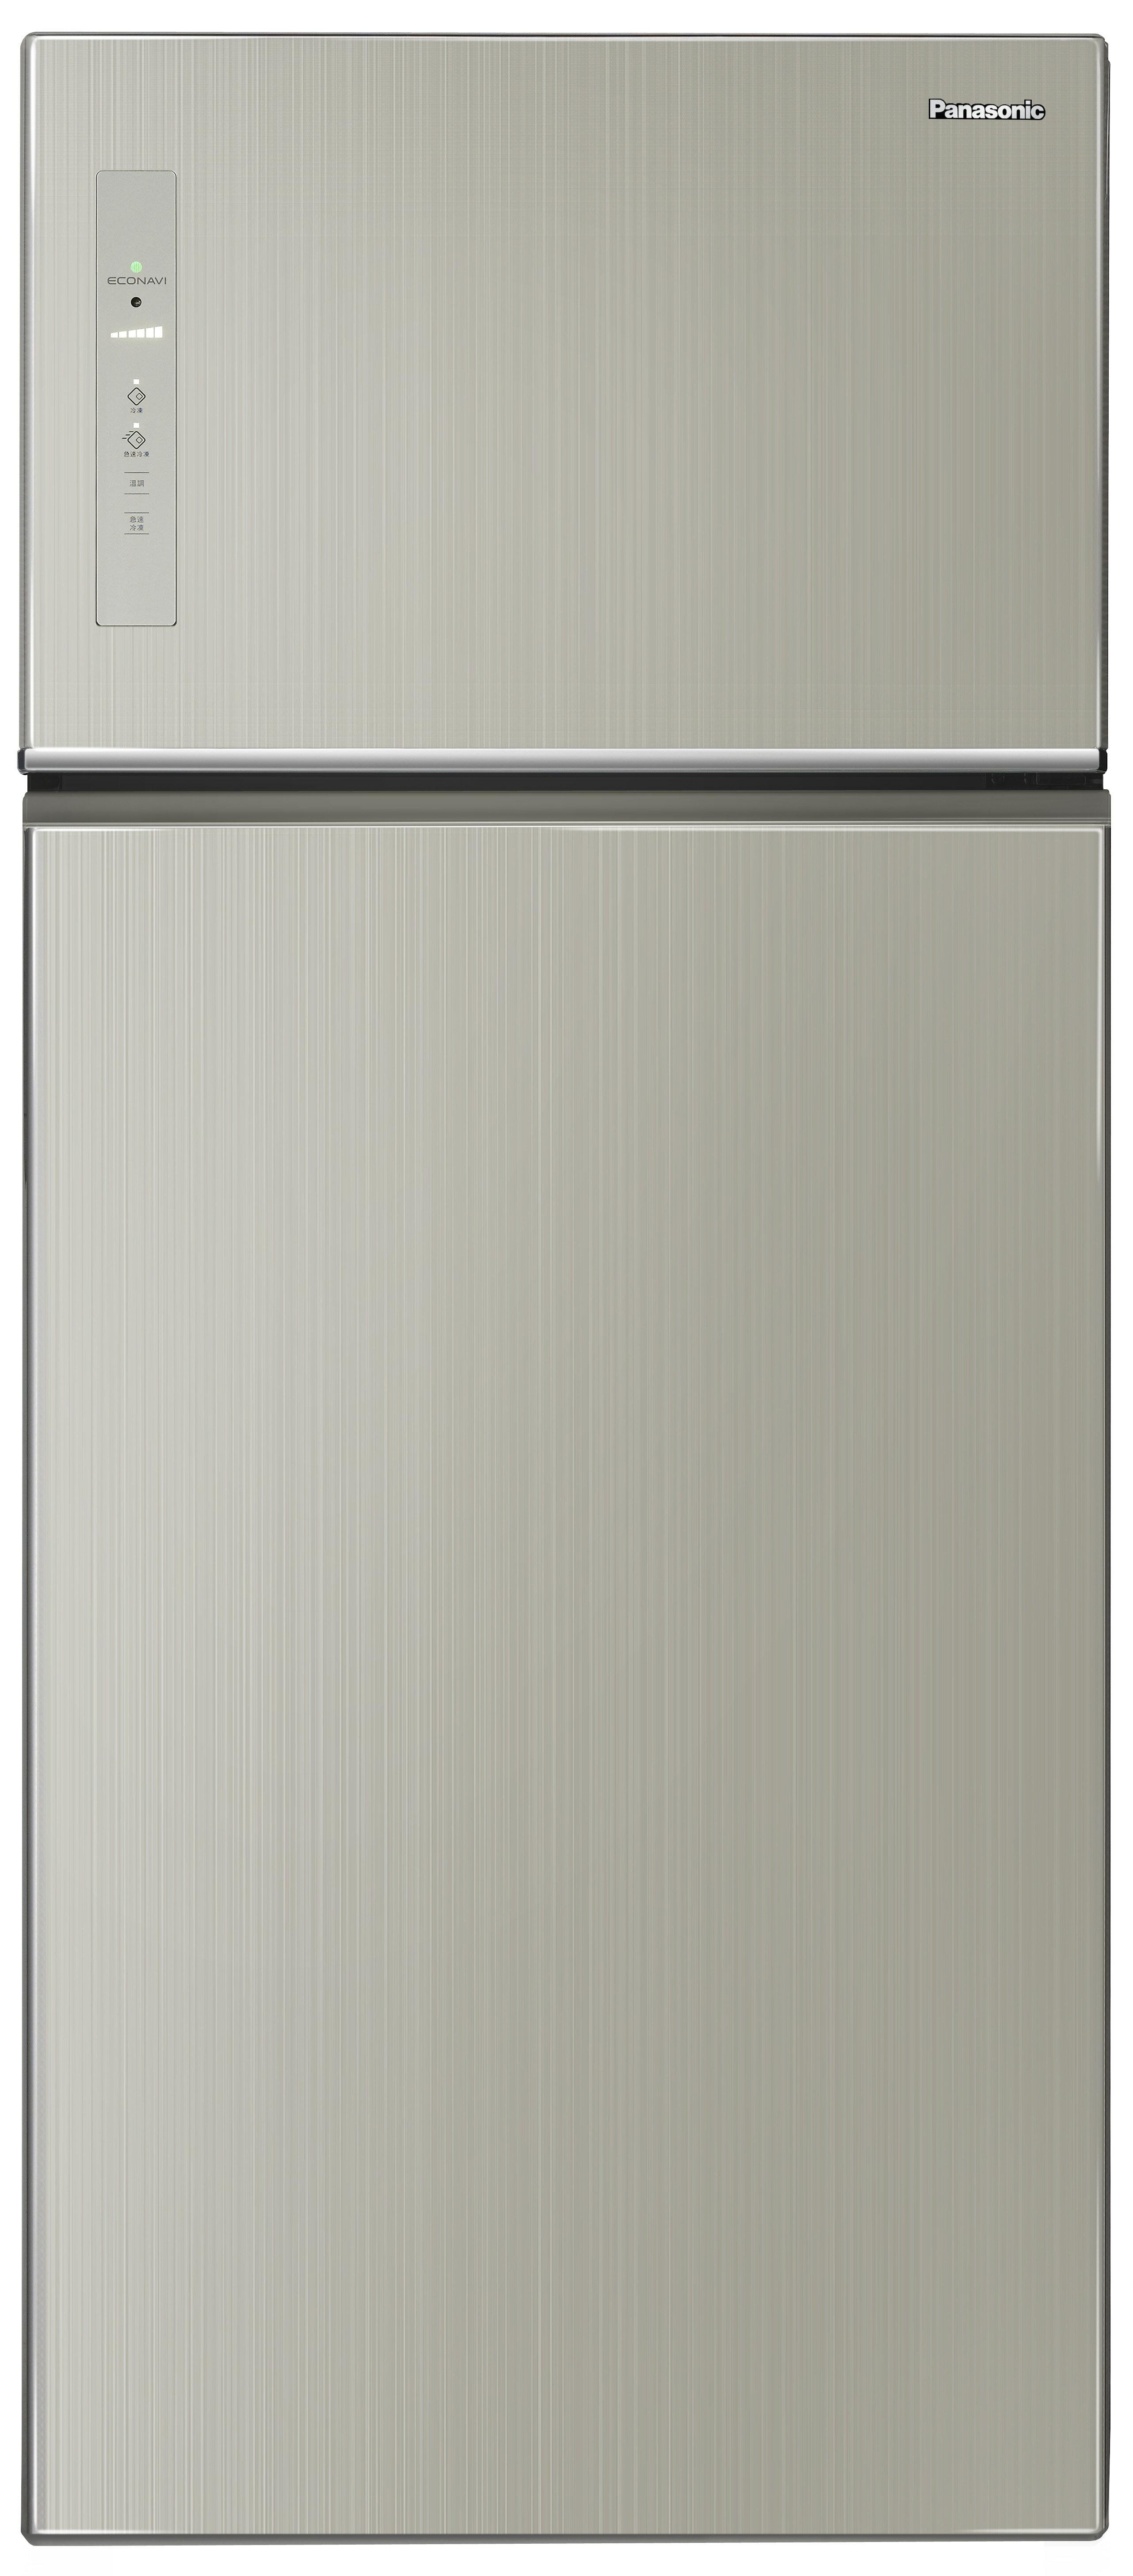 Panasonic 國際牌 579公升 ECO NAVI雙門變頻冰箱 NR-B588TV-H